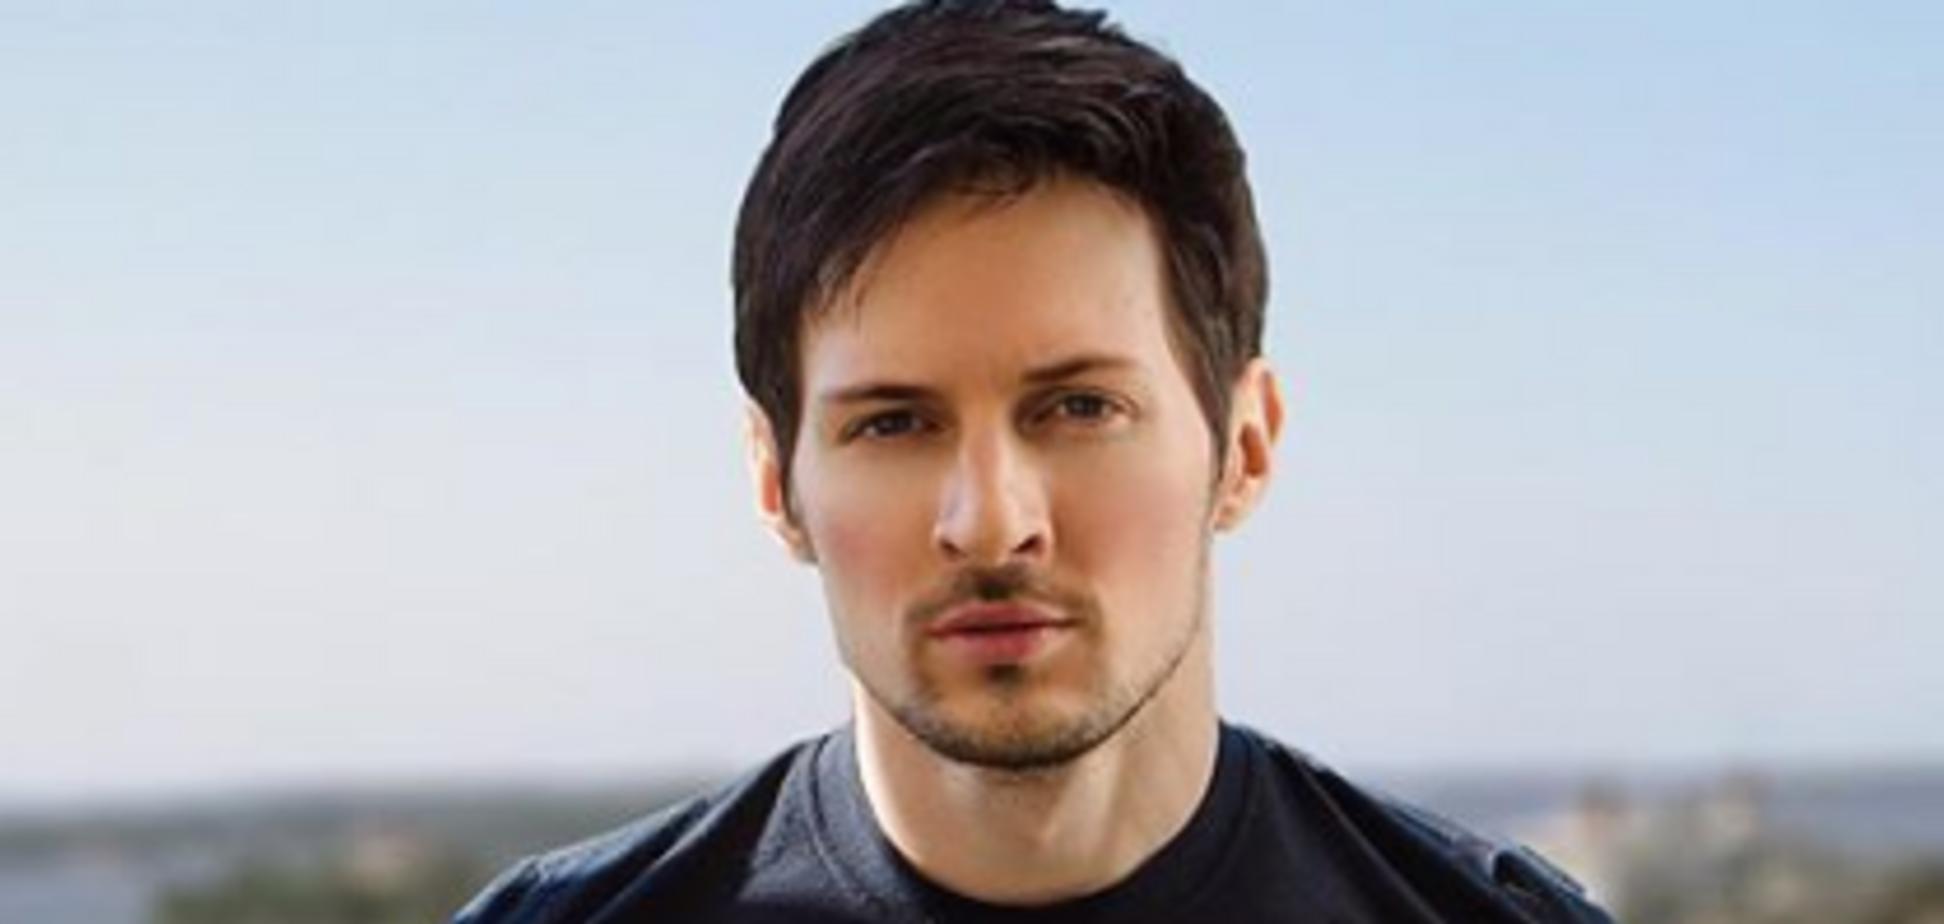 Павел Дуров инвестировал в криптобиржу, которая отмыла миллиарды: СМИ раскрыли детали